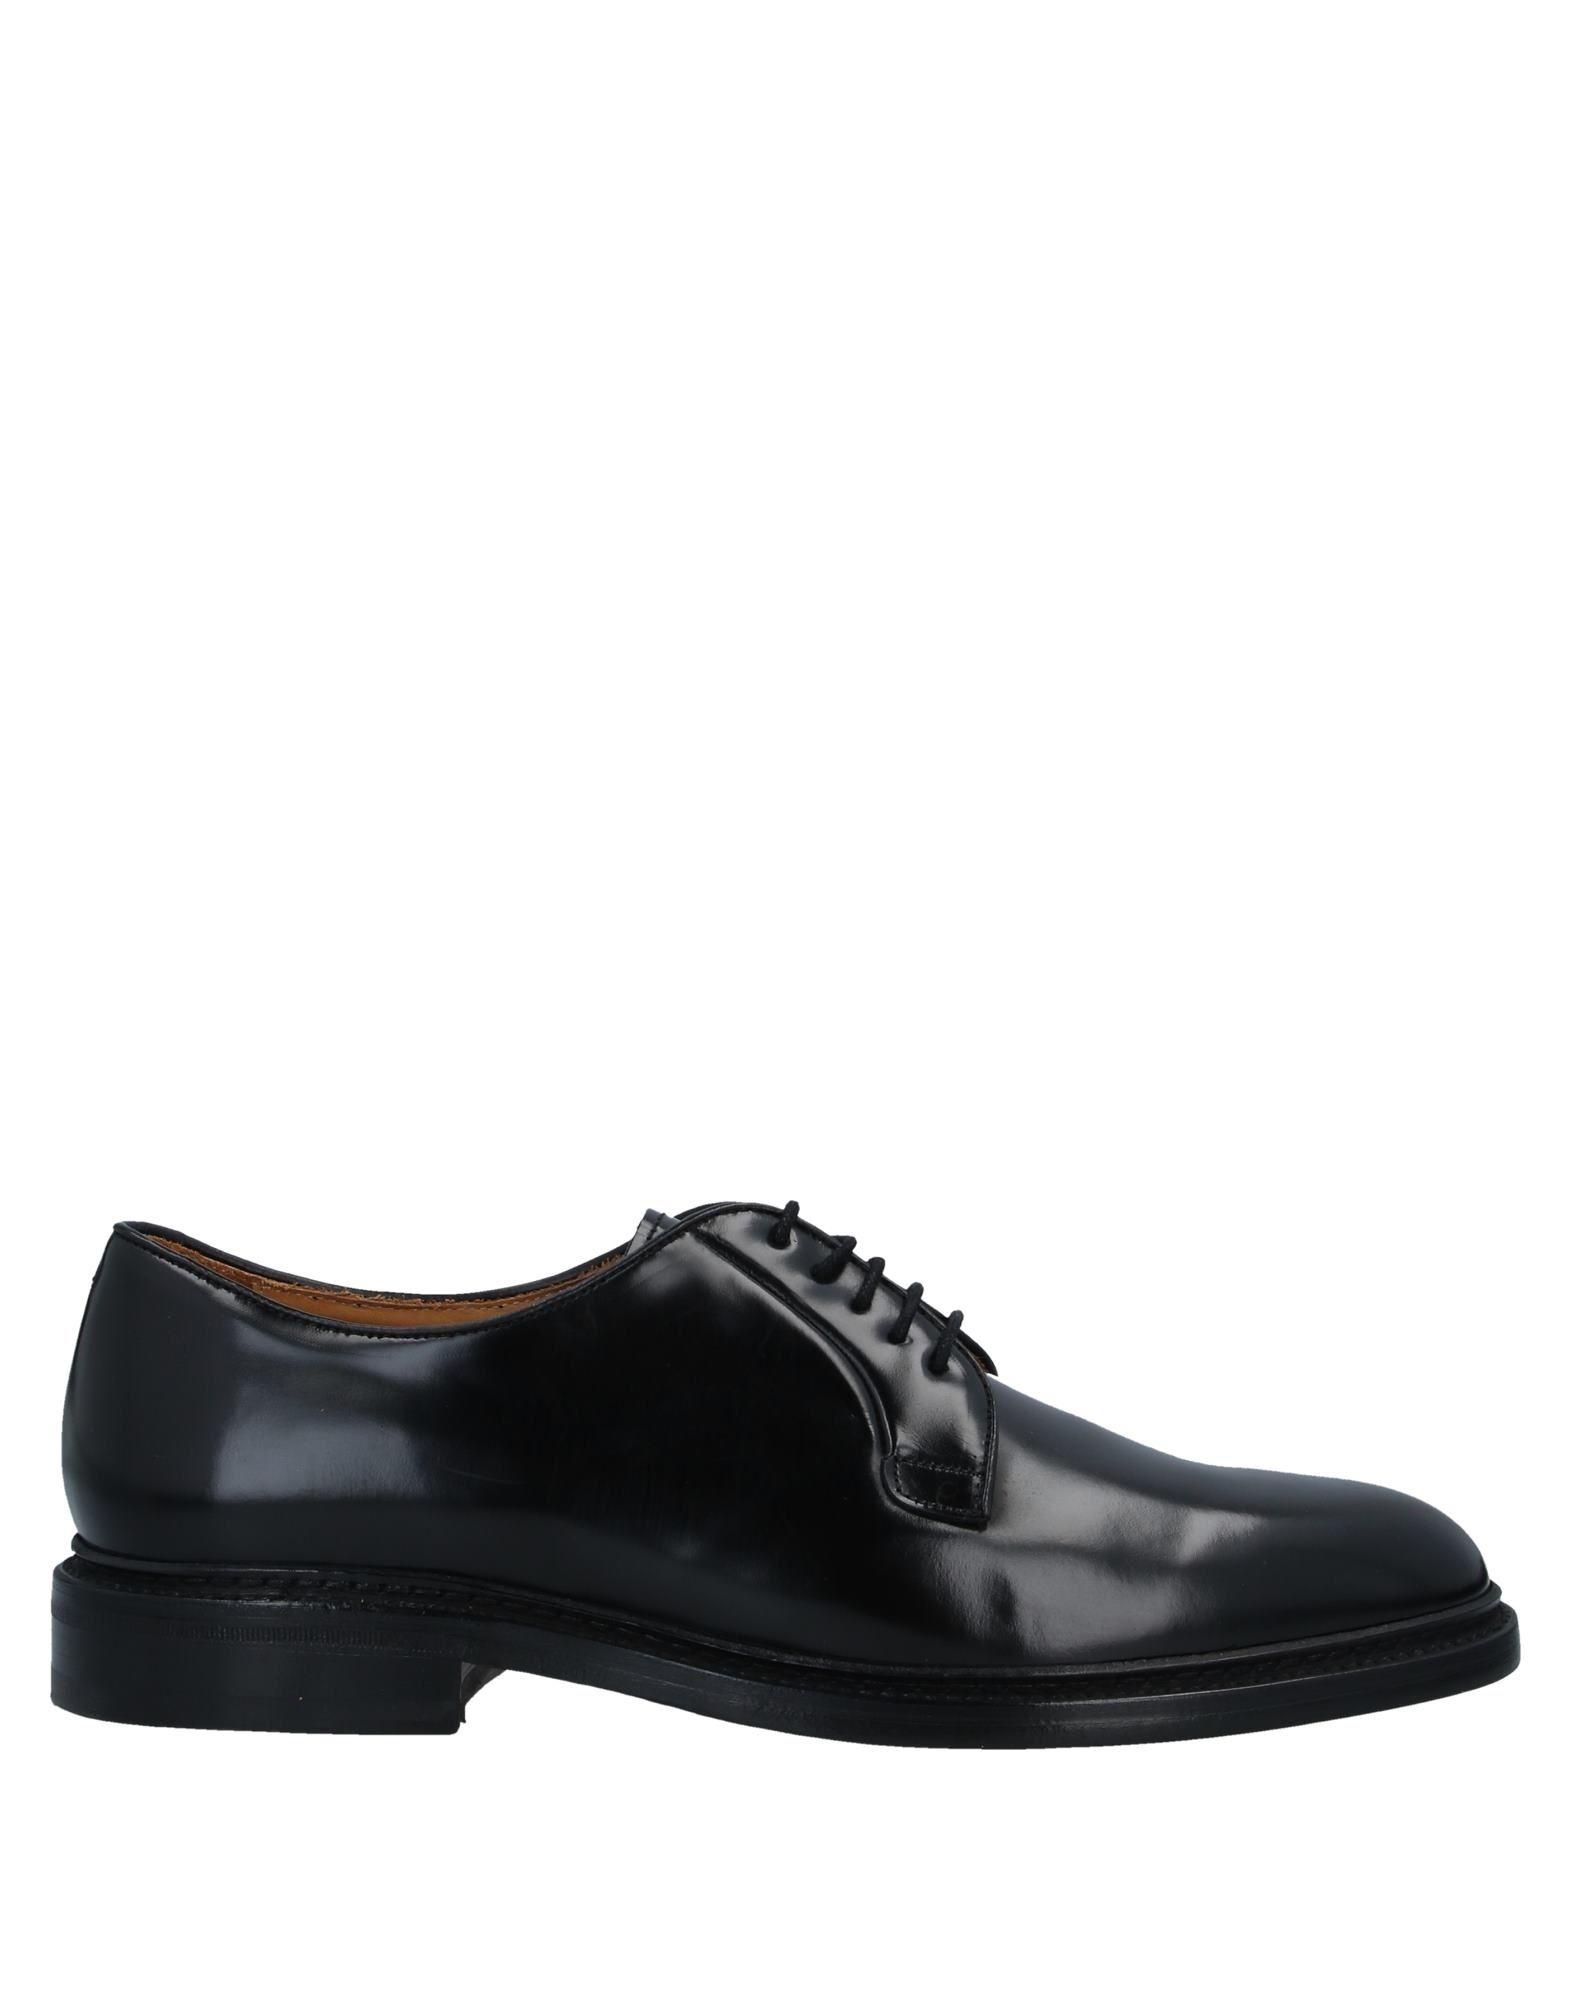 BERWICK 1707 Обувь на шнурках berwick 1707 обувь на шнурках